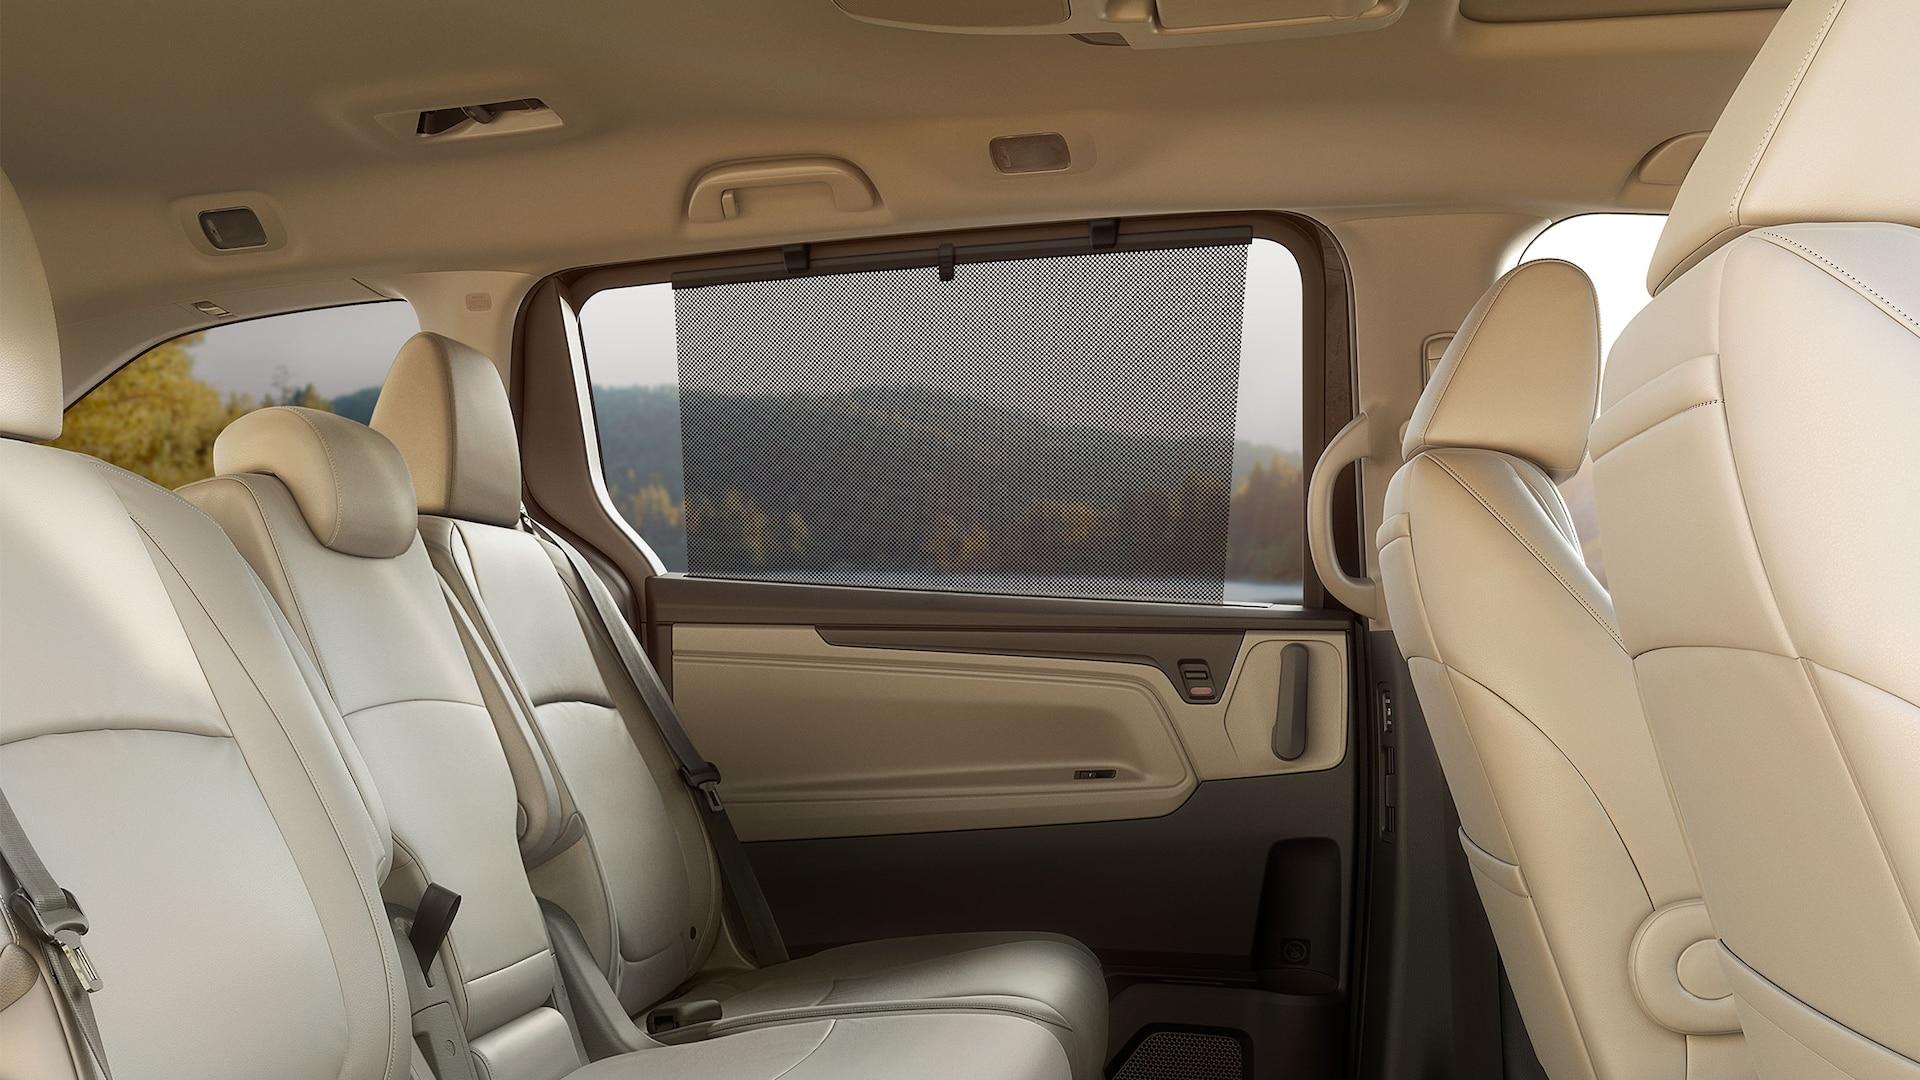 Detalle del parasol de la ventana trasera en la Honda Odyssey Elite2020 con Beige Leather.